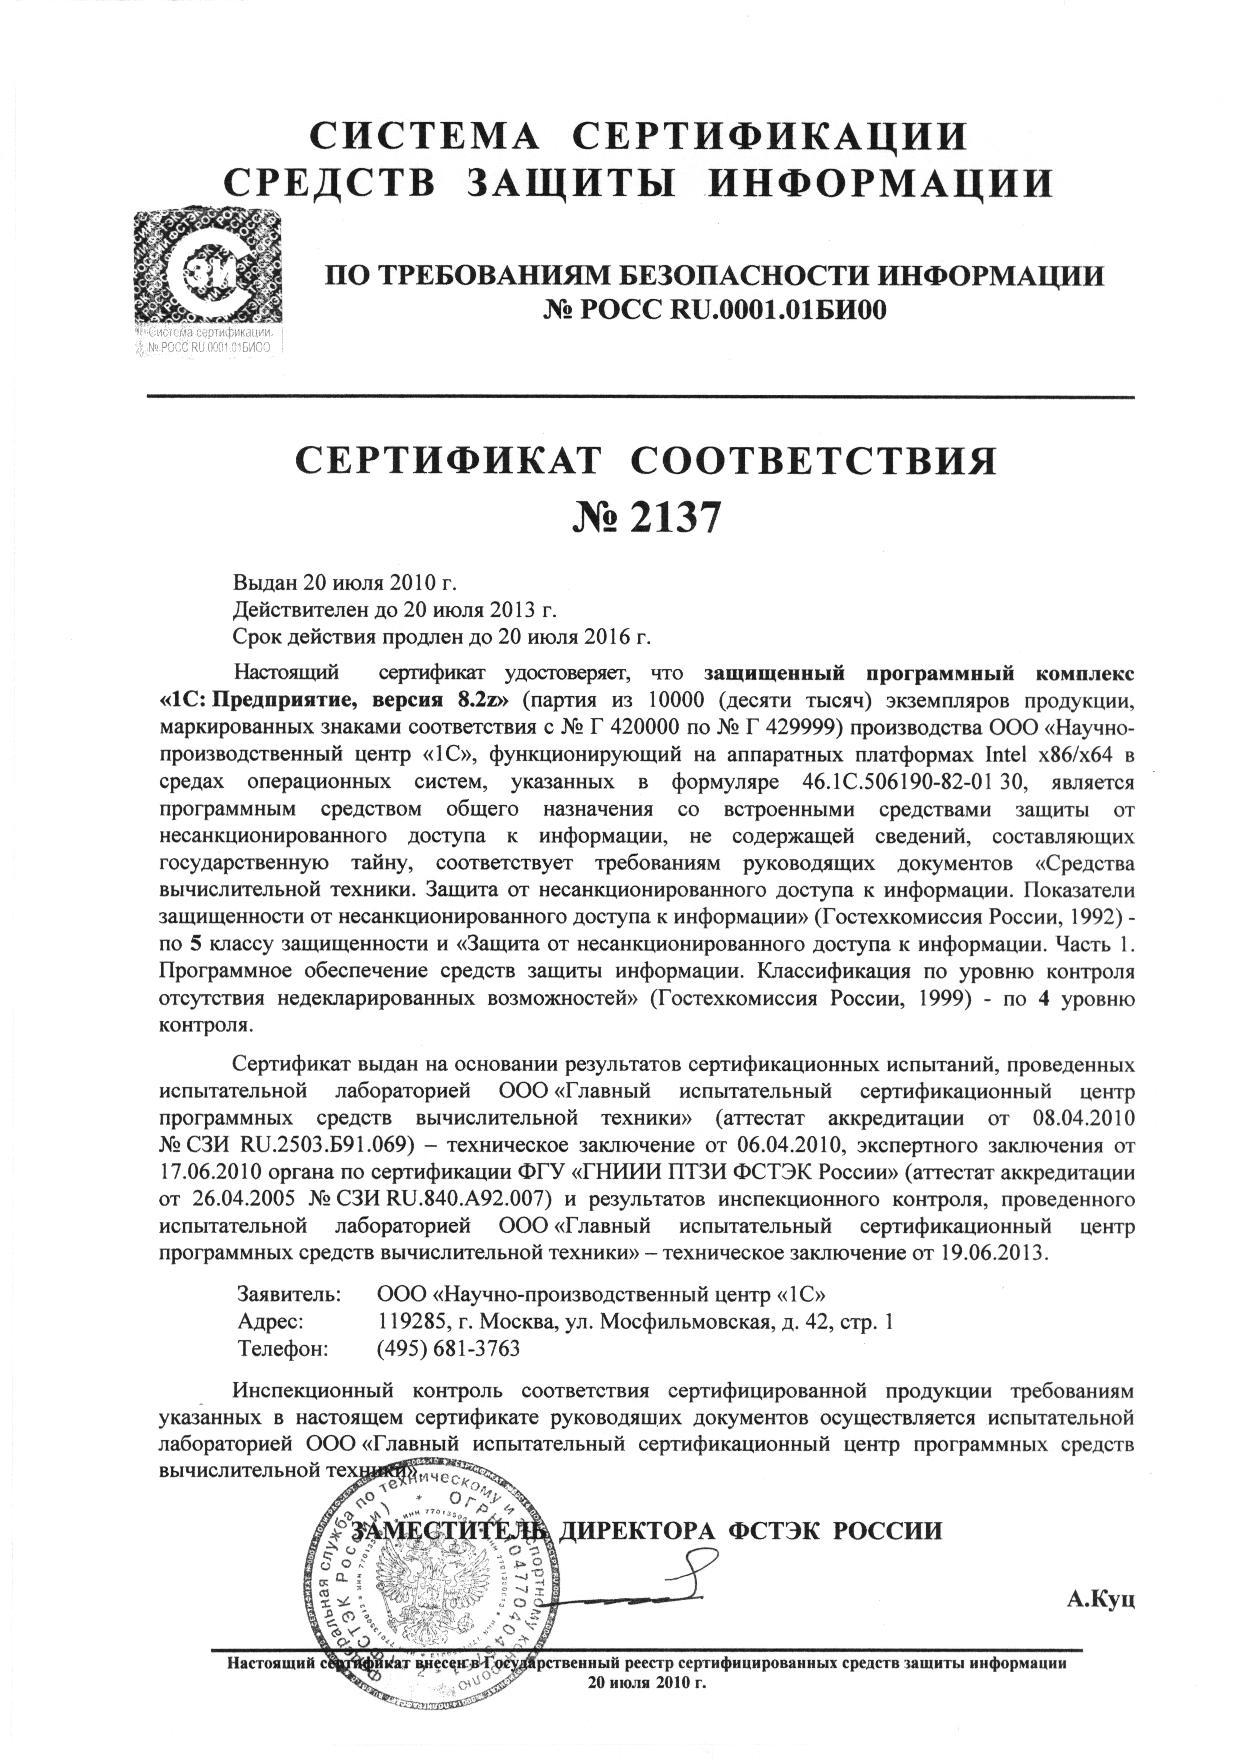 инструкция по администрированию 1с документооборот